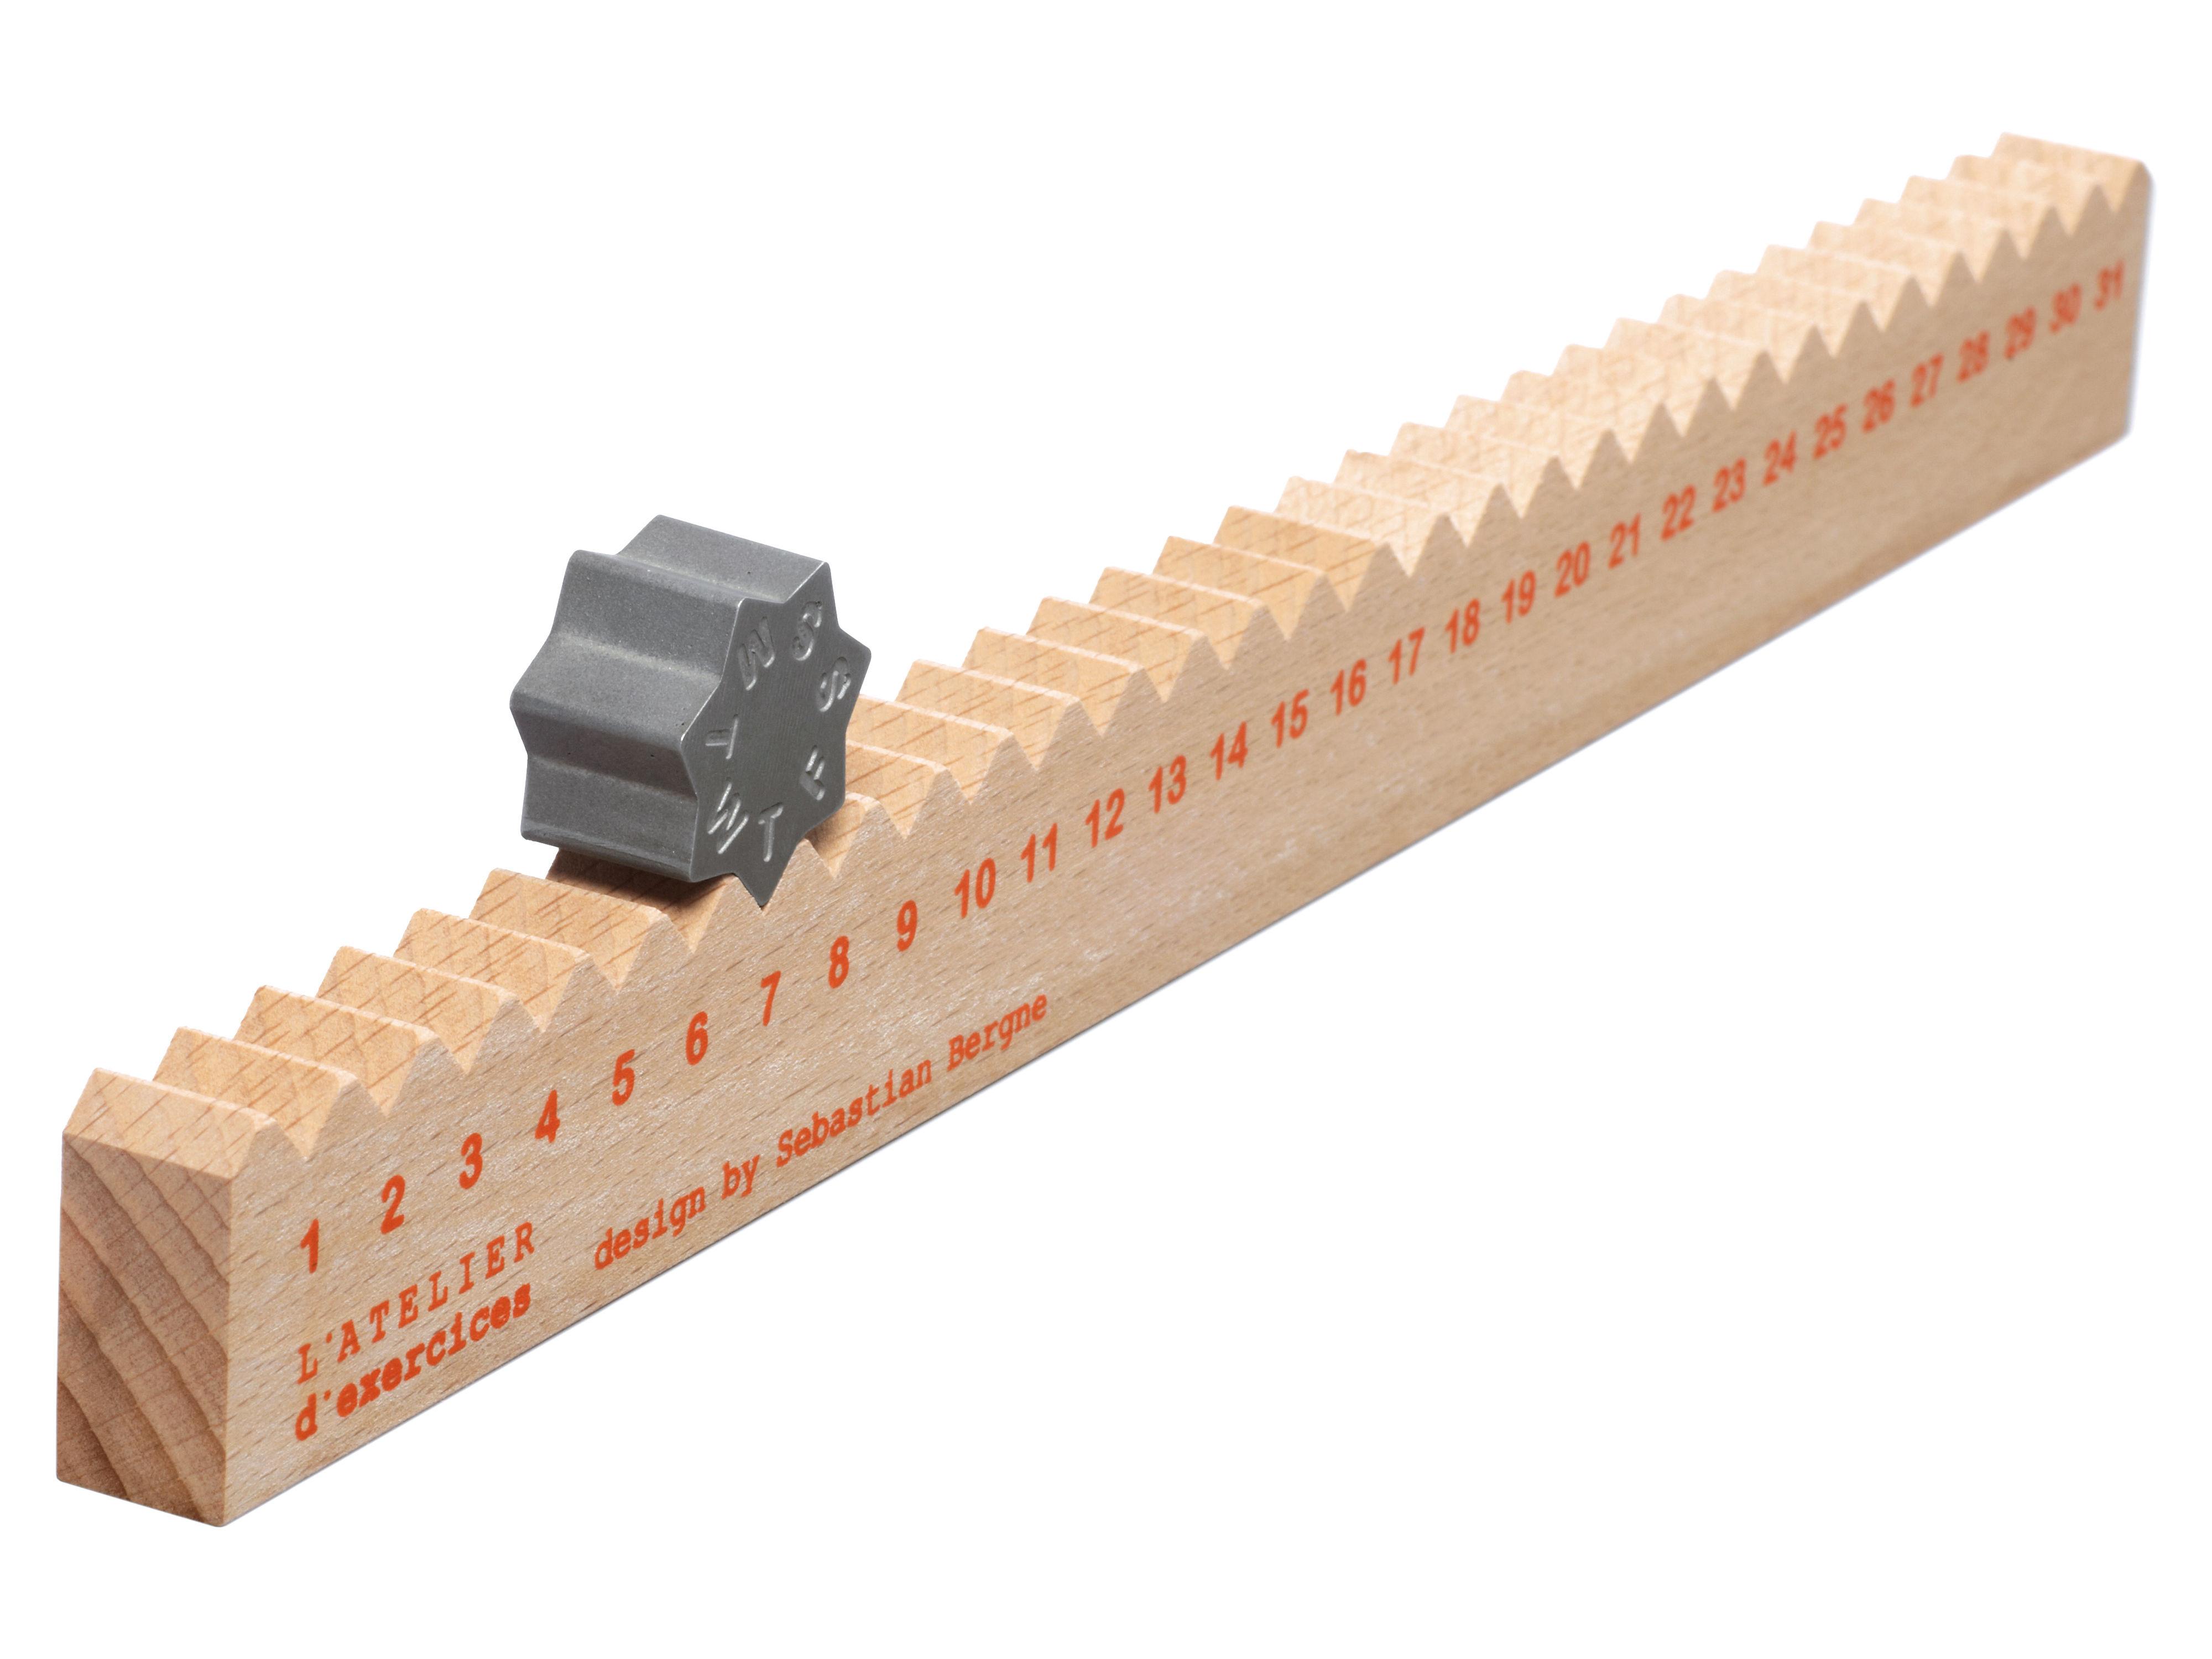 Calendrier r gle du temps calendrier perp tuel r gle - Calendrier design ...